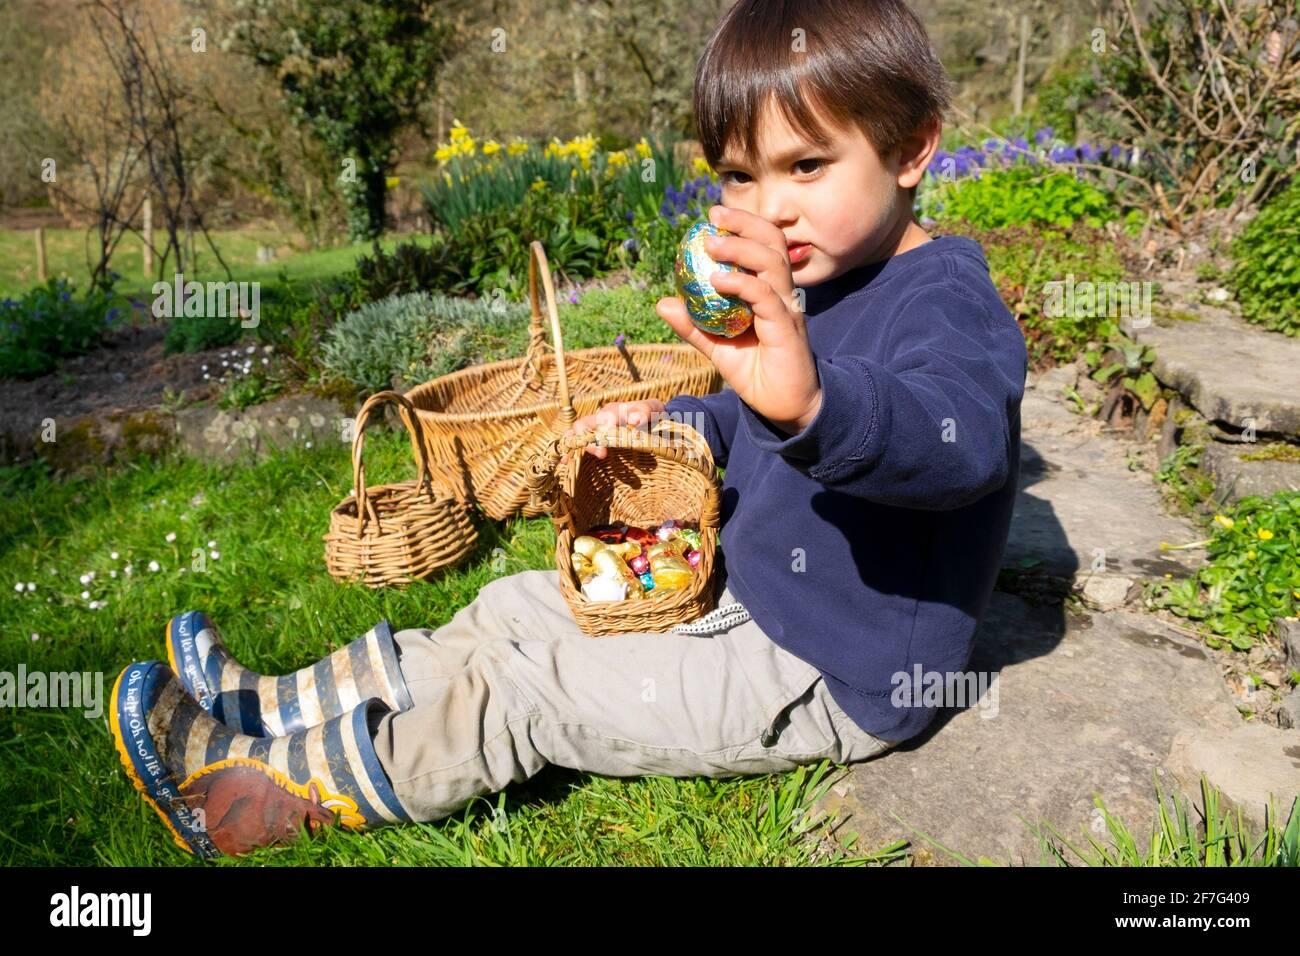 Kleiner Junge, der nach der Ostereiersuche im Garten sitzt Mit Korb mit Ostereiern, die großes Schokoladenei zeigen In seiner Hand Wales UK KATHY DEWITT Stockfoto